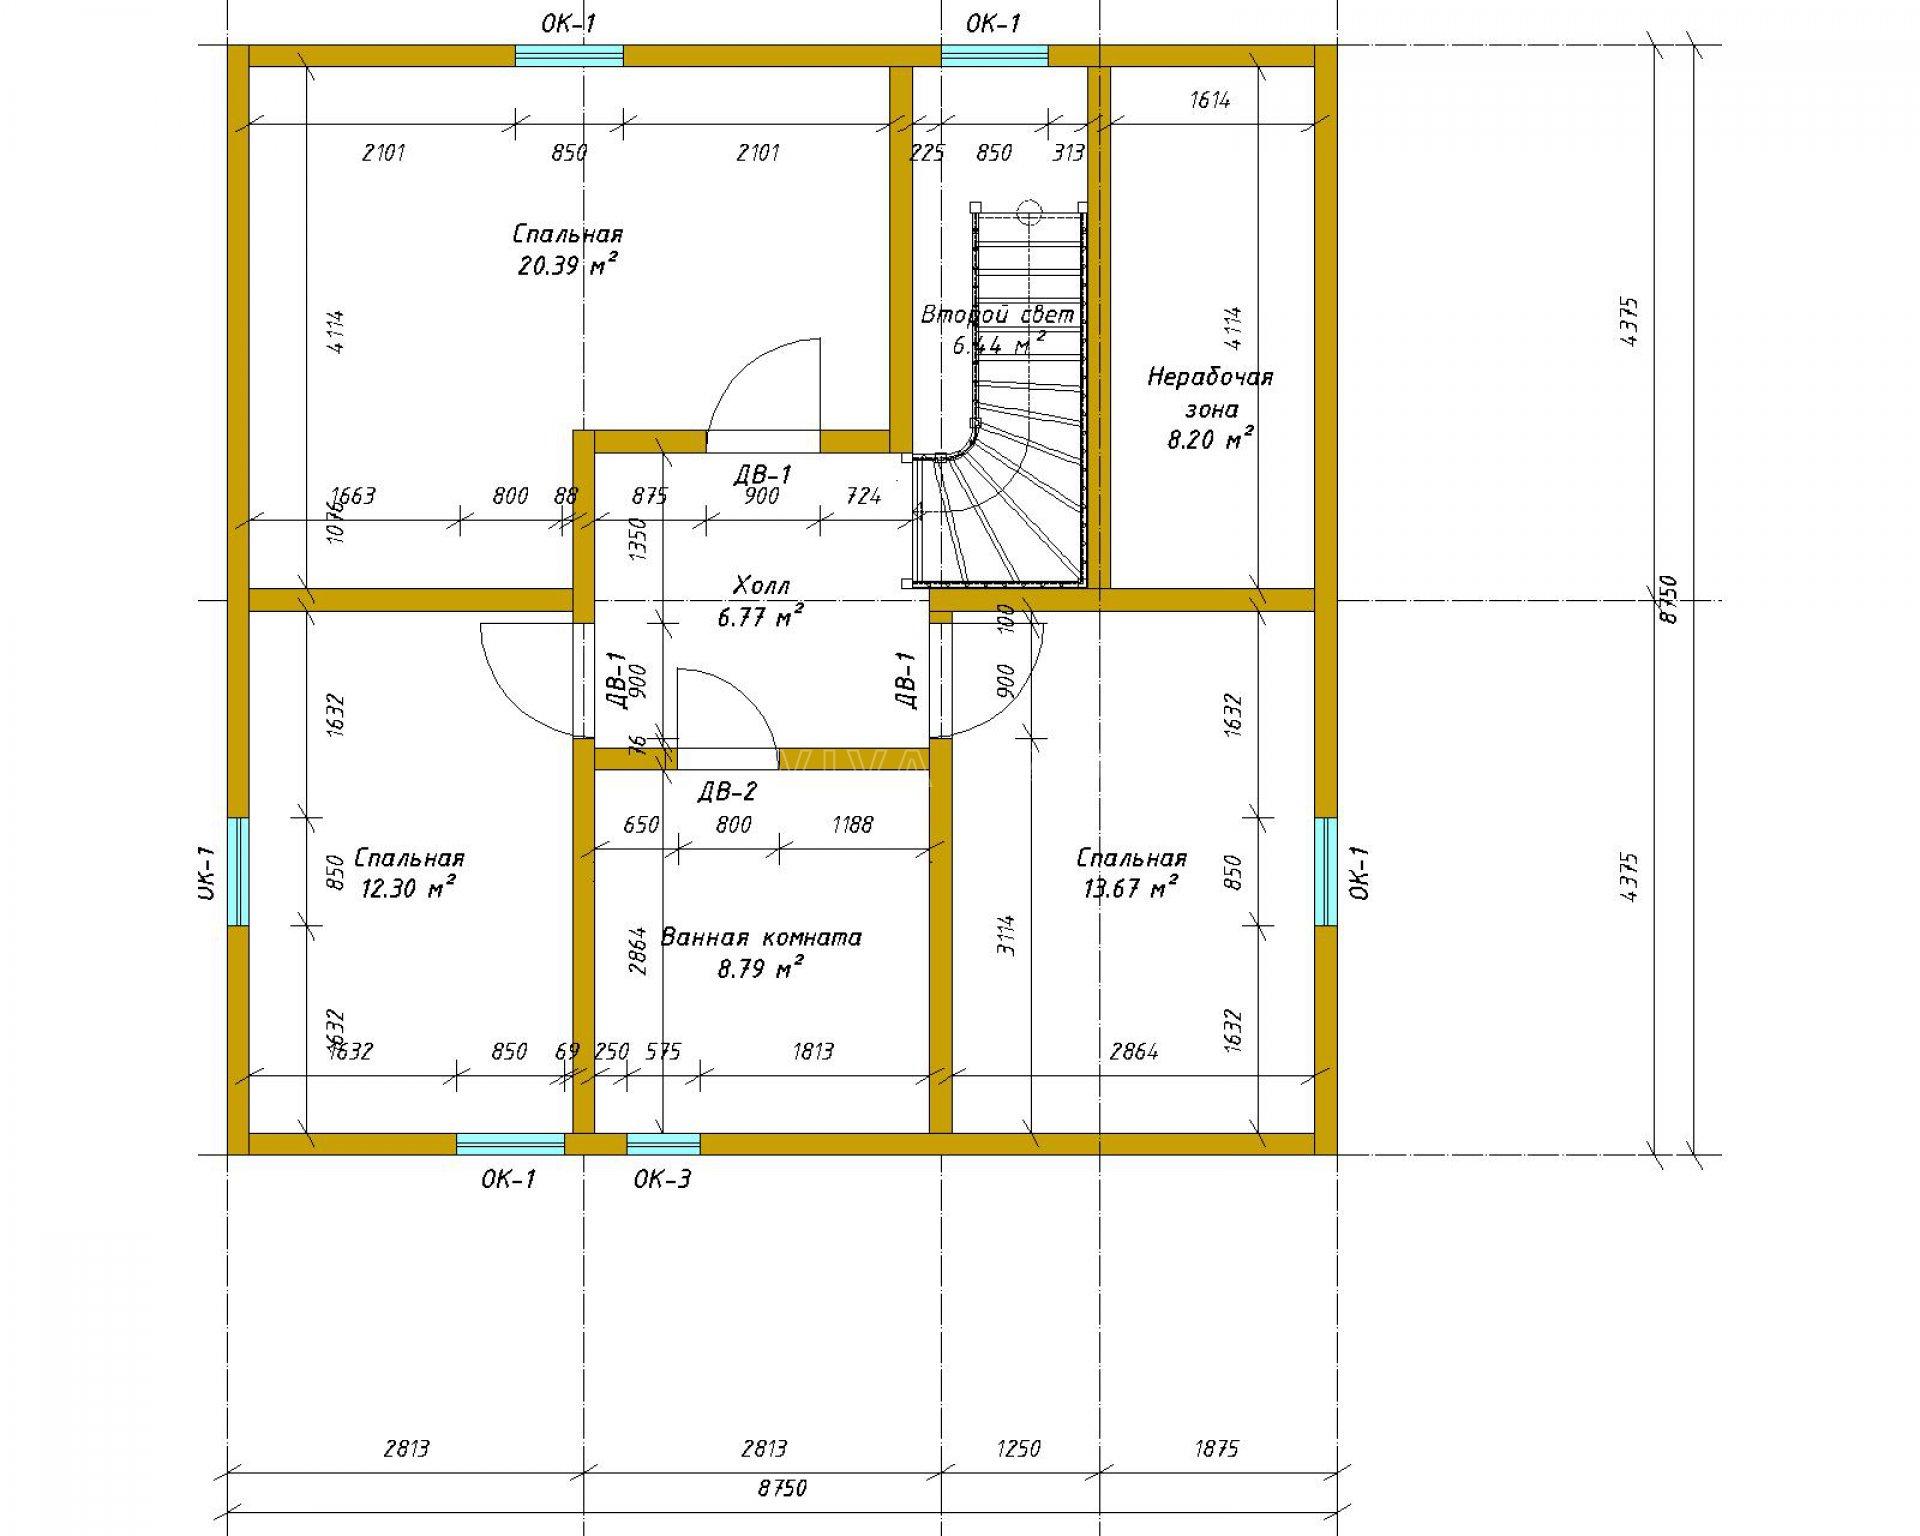 Двухэтажный дом площадью 166 м2 по проекту Омега план 2 этажа